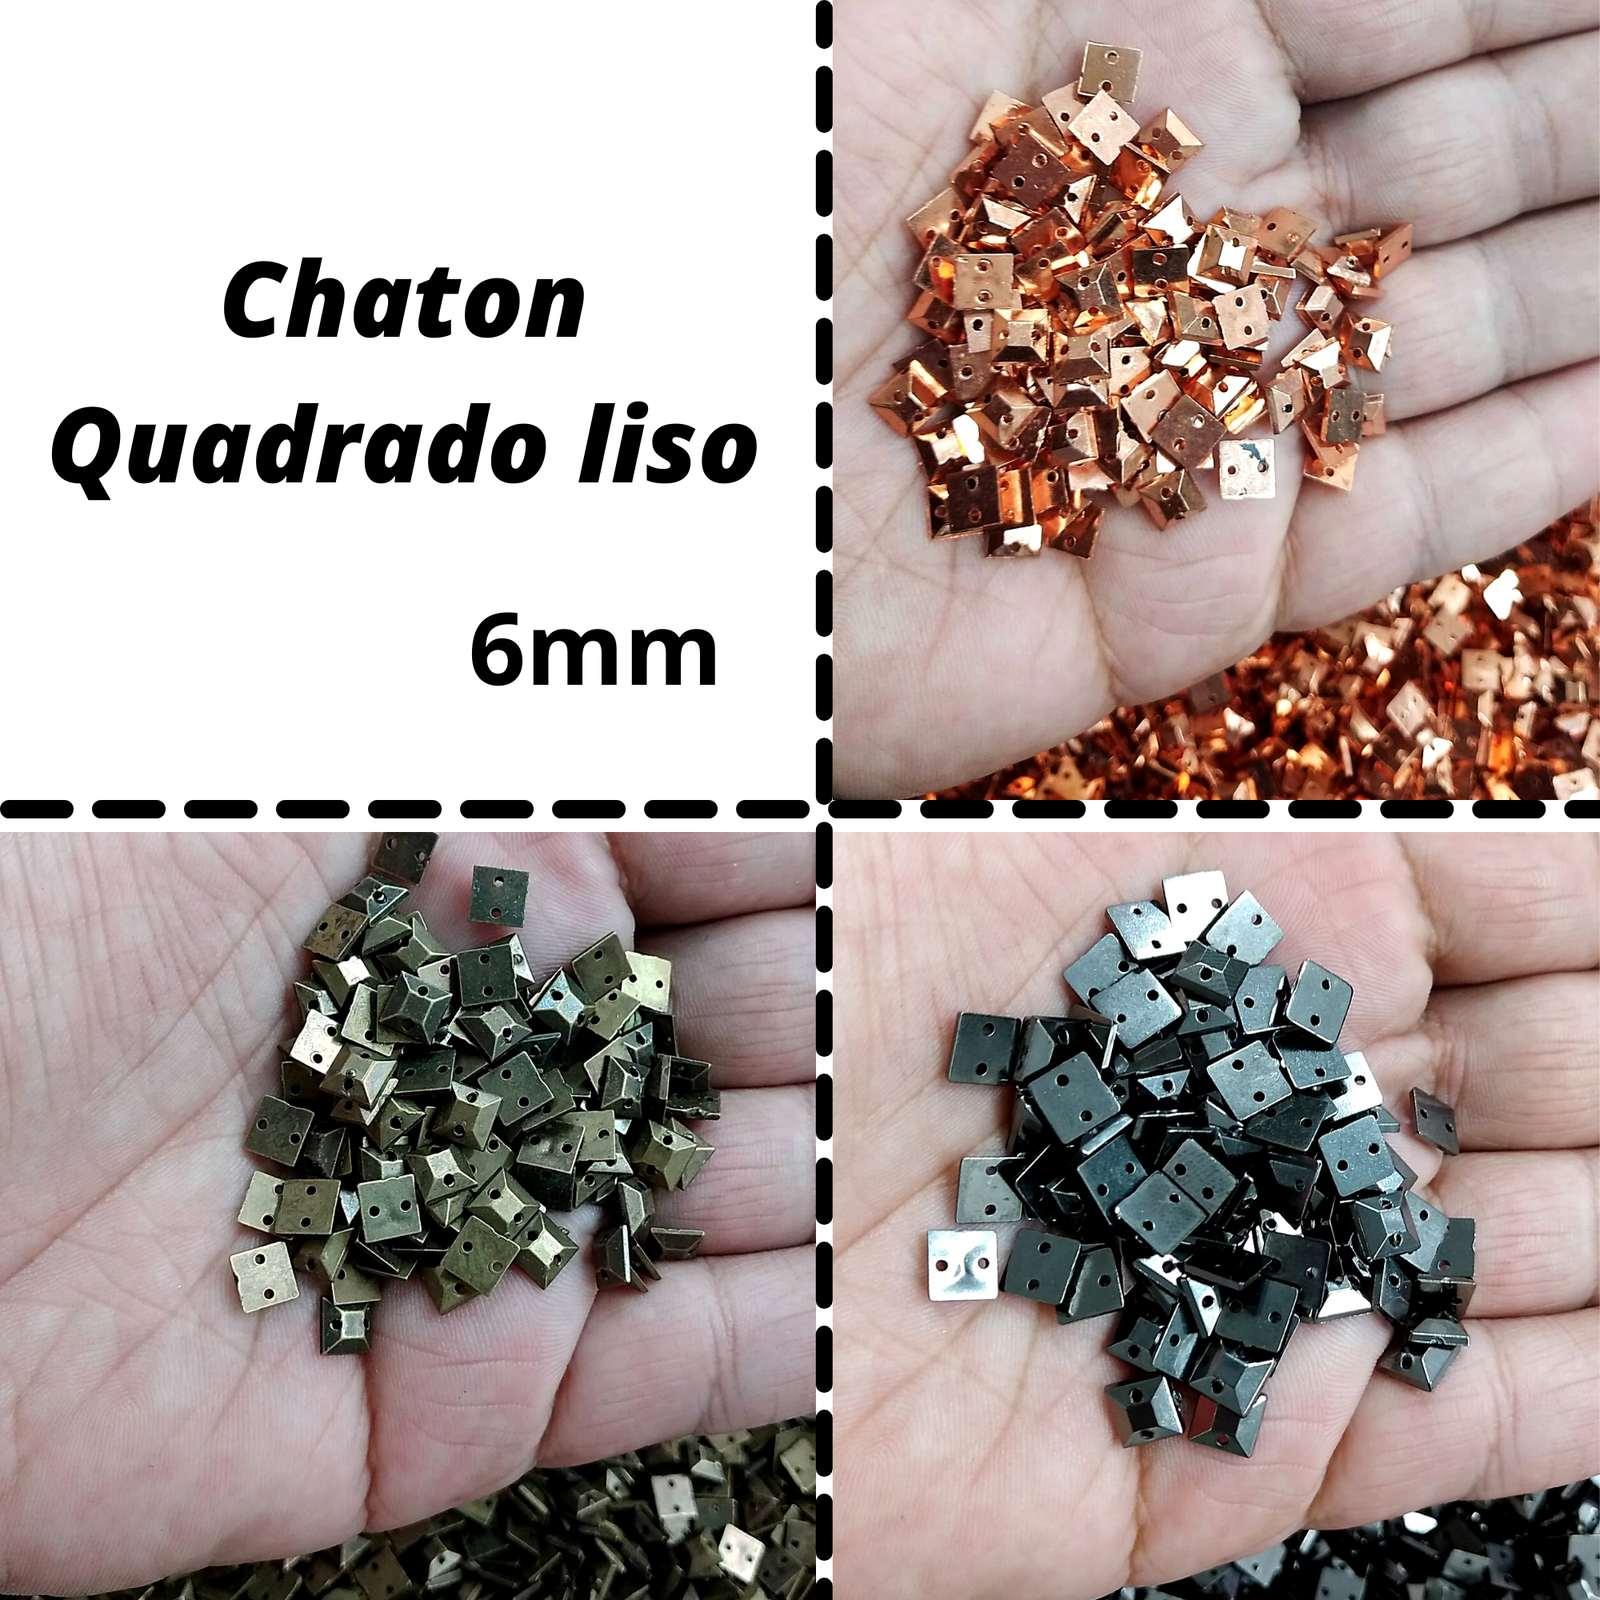 Chaton ABS  Quadrado 06mm c/250g